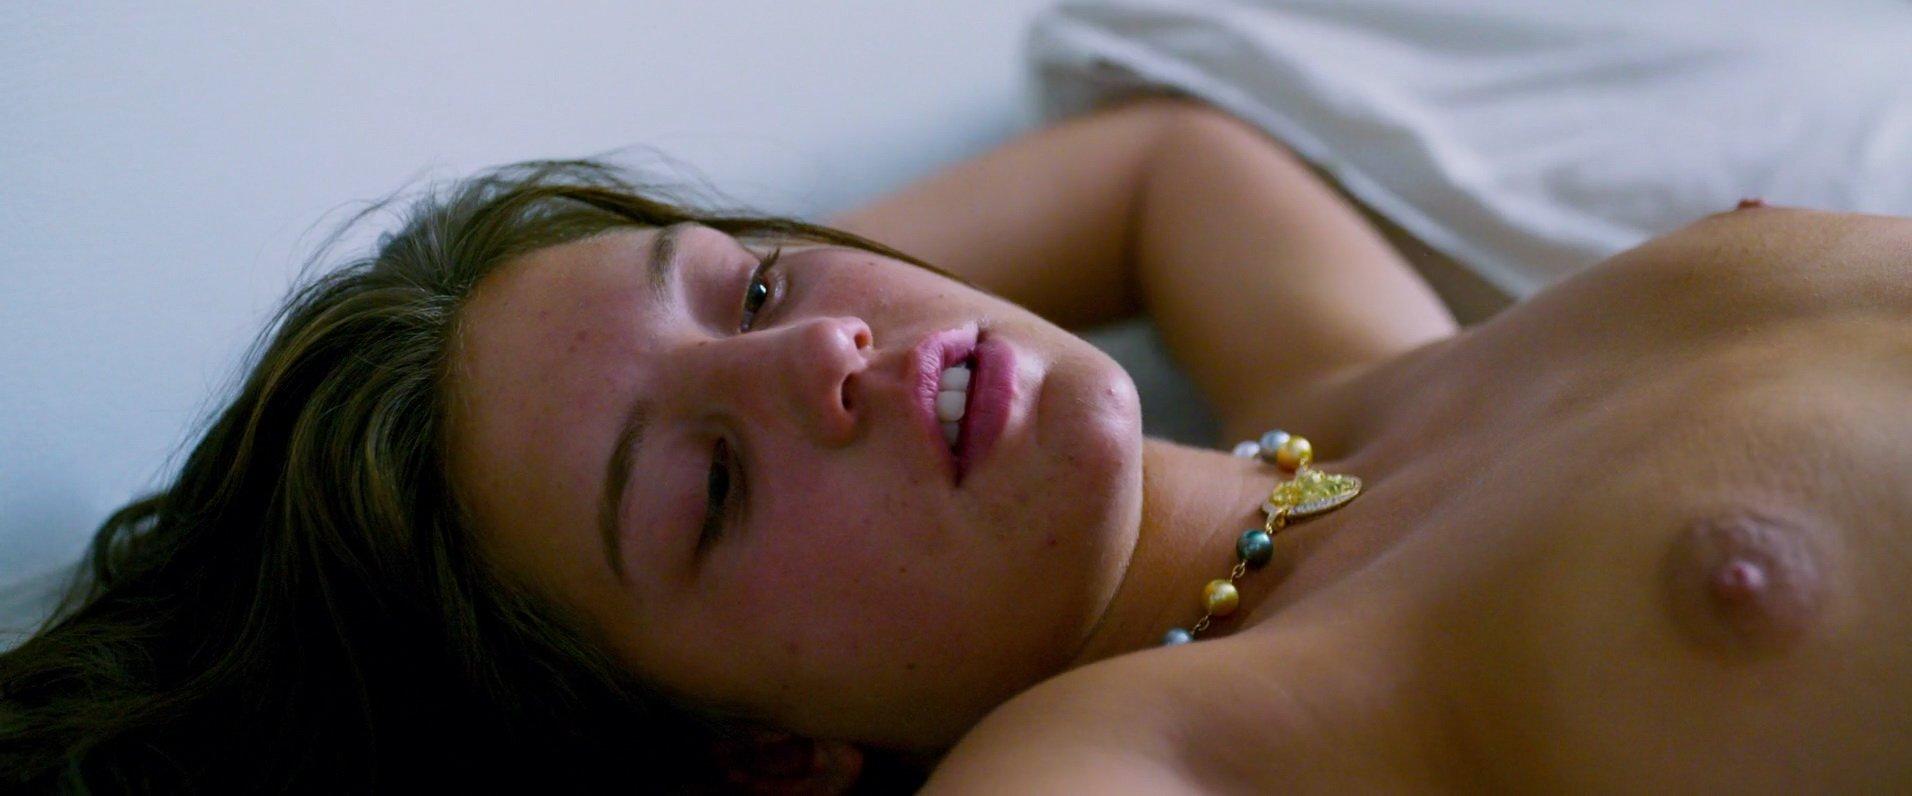 Gemma-Atkinson-Naked-6 - Famosas desnudas FDV